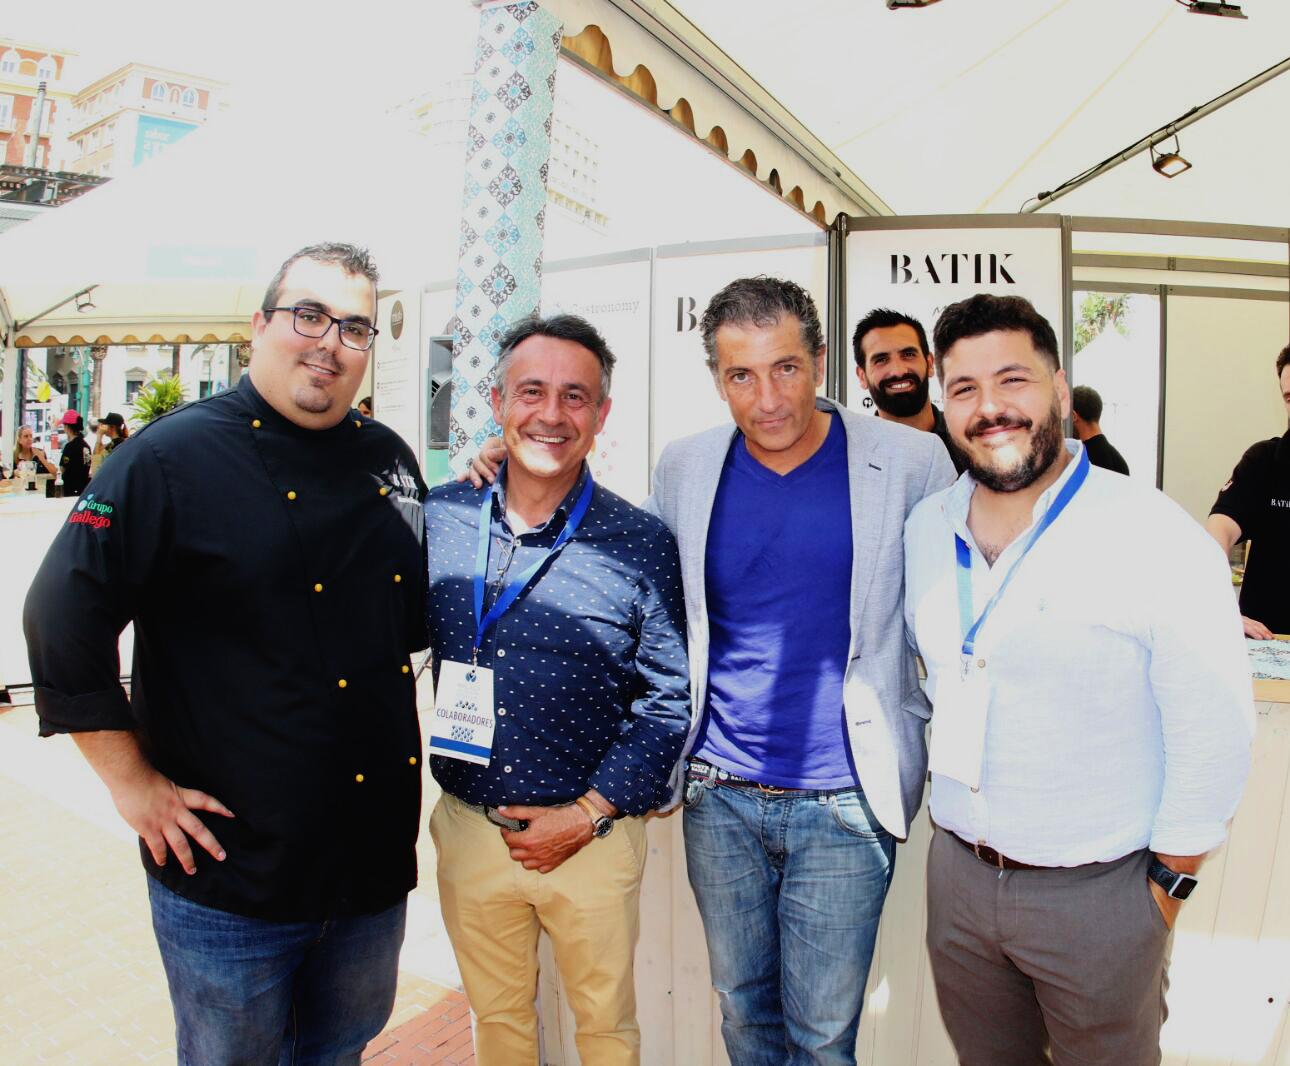 Integrantes de Batik con Javier Banderas y organizadores del evento